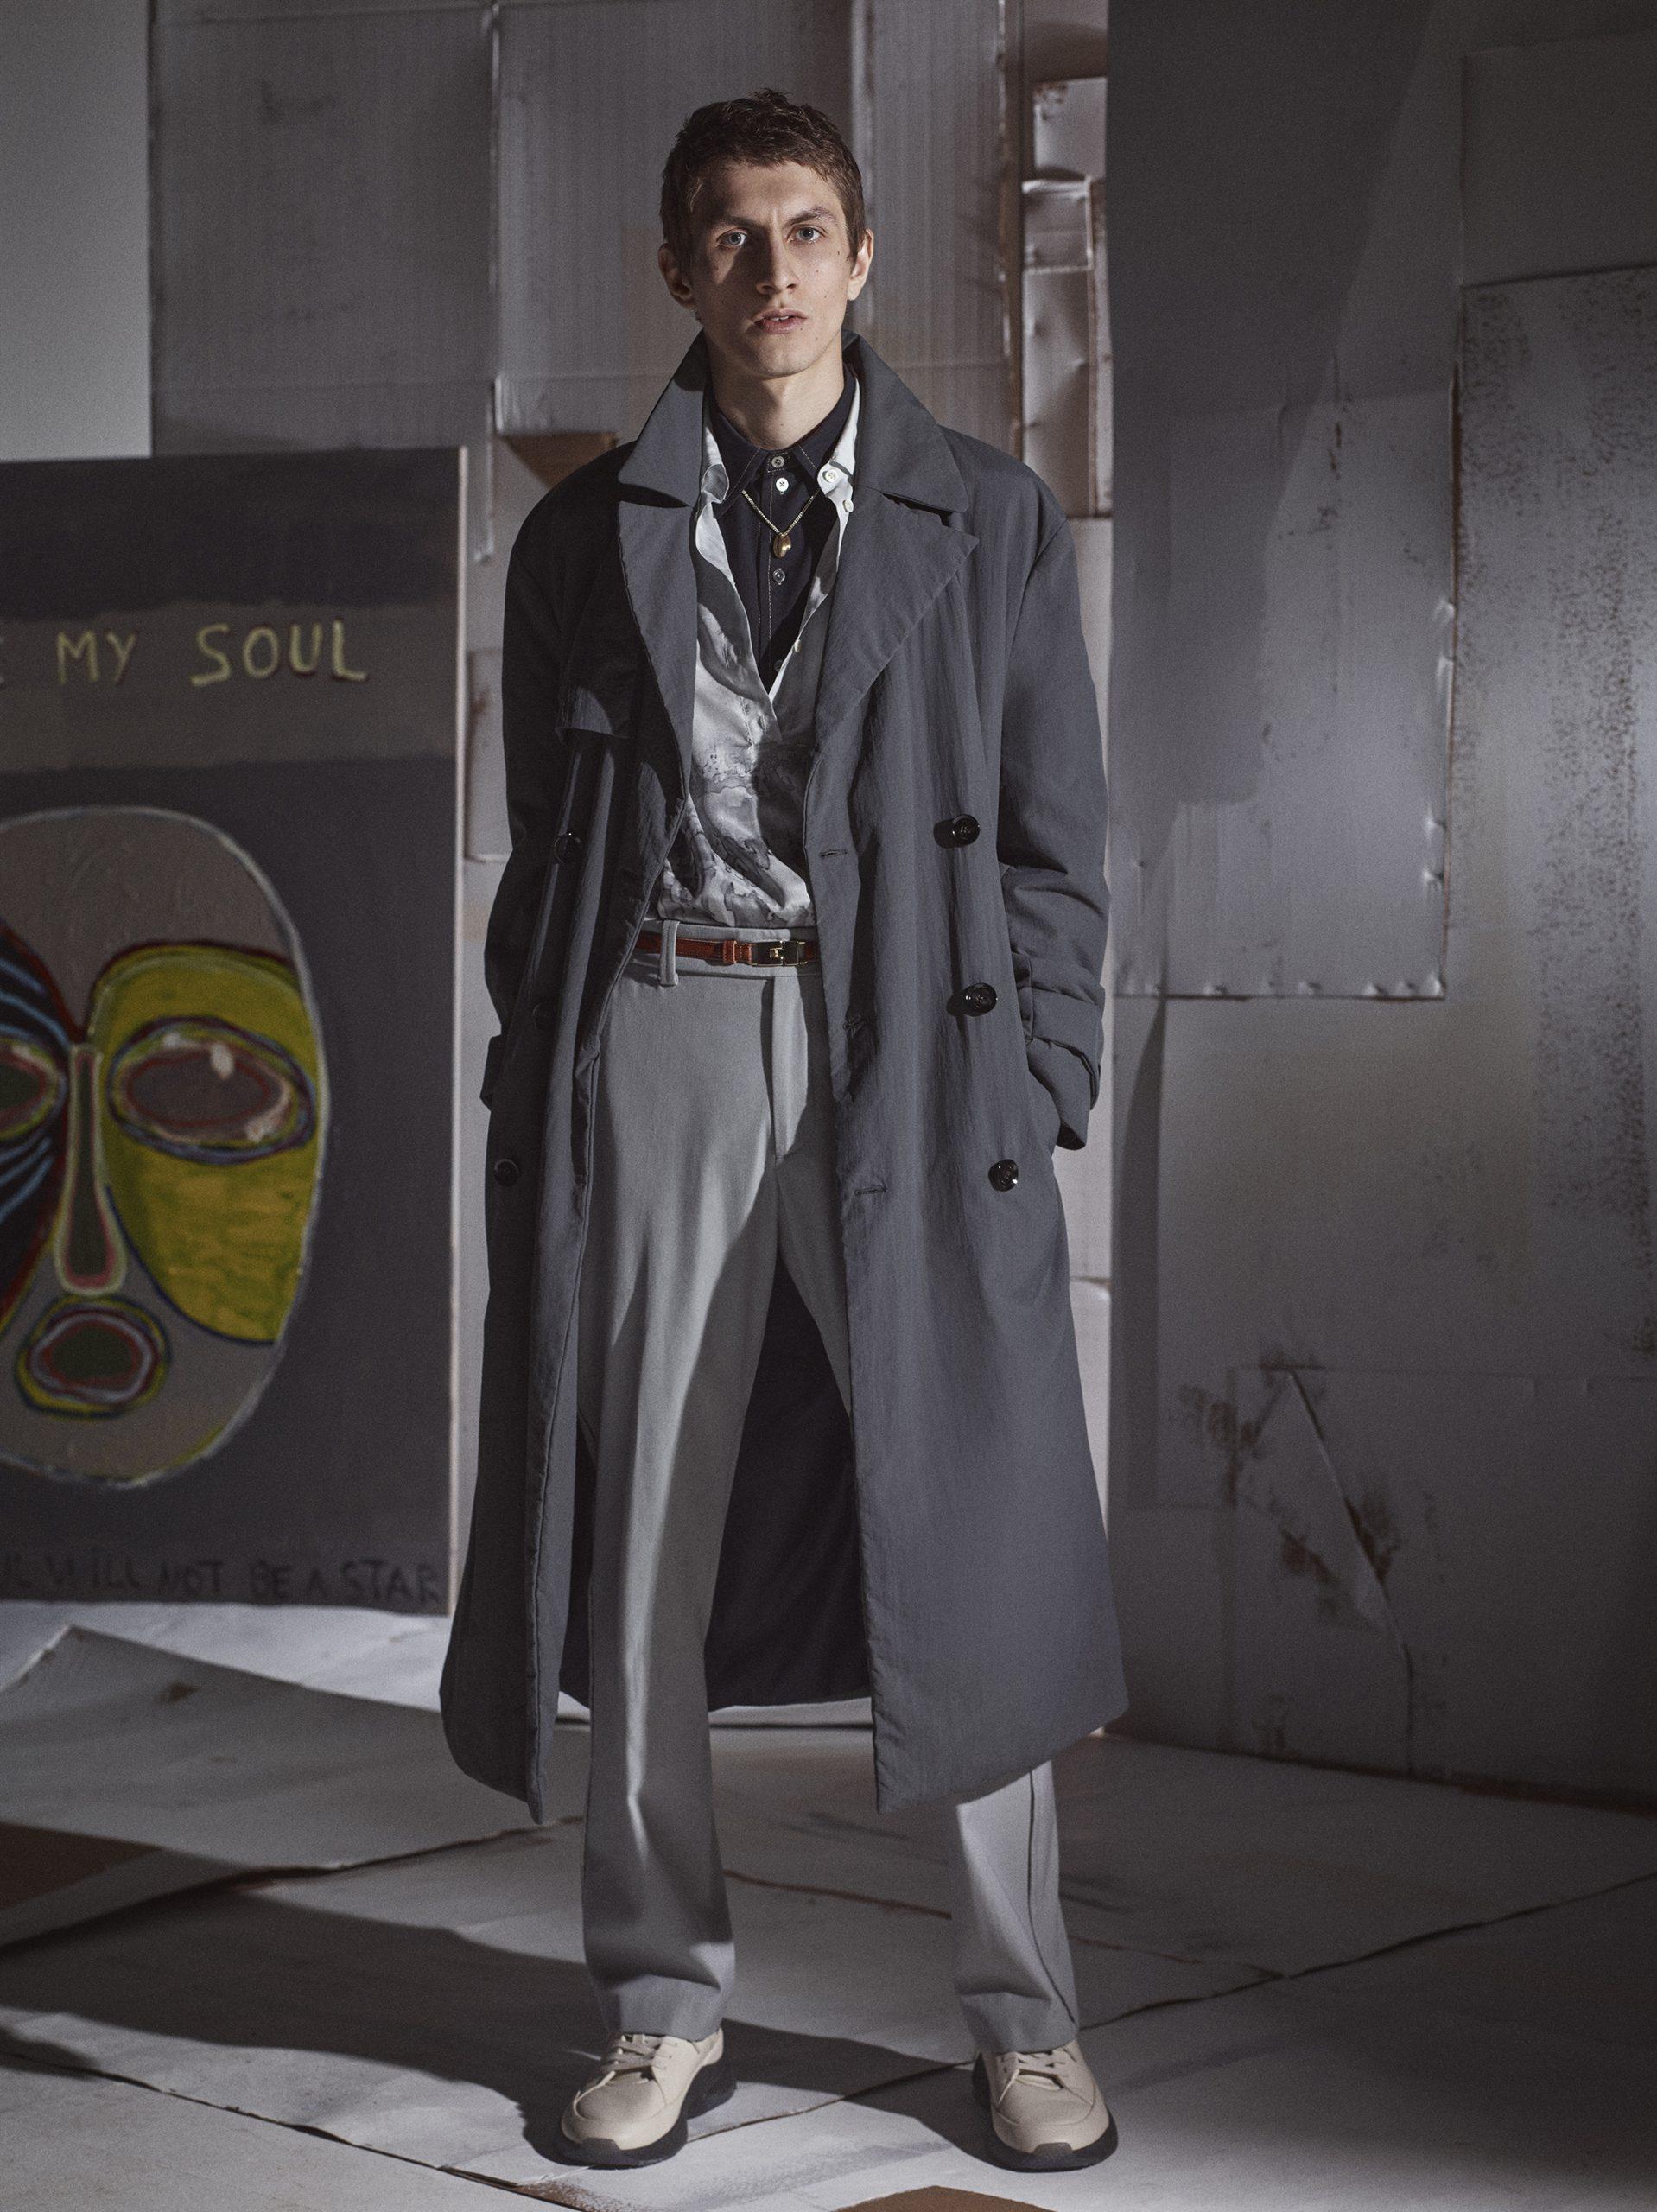 Zara Fall 2020 Mens Ad Campaign Film & Photos